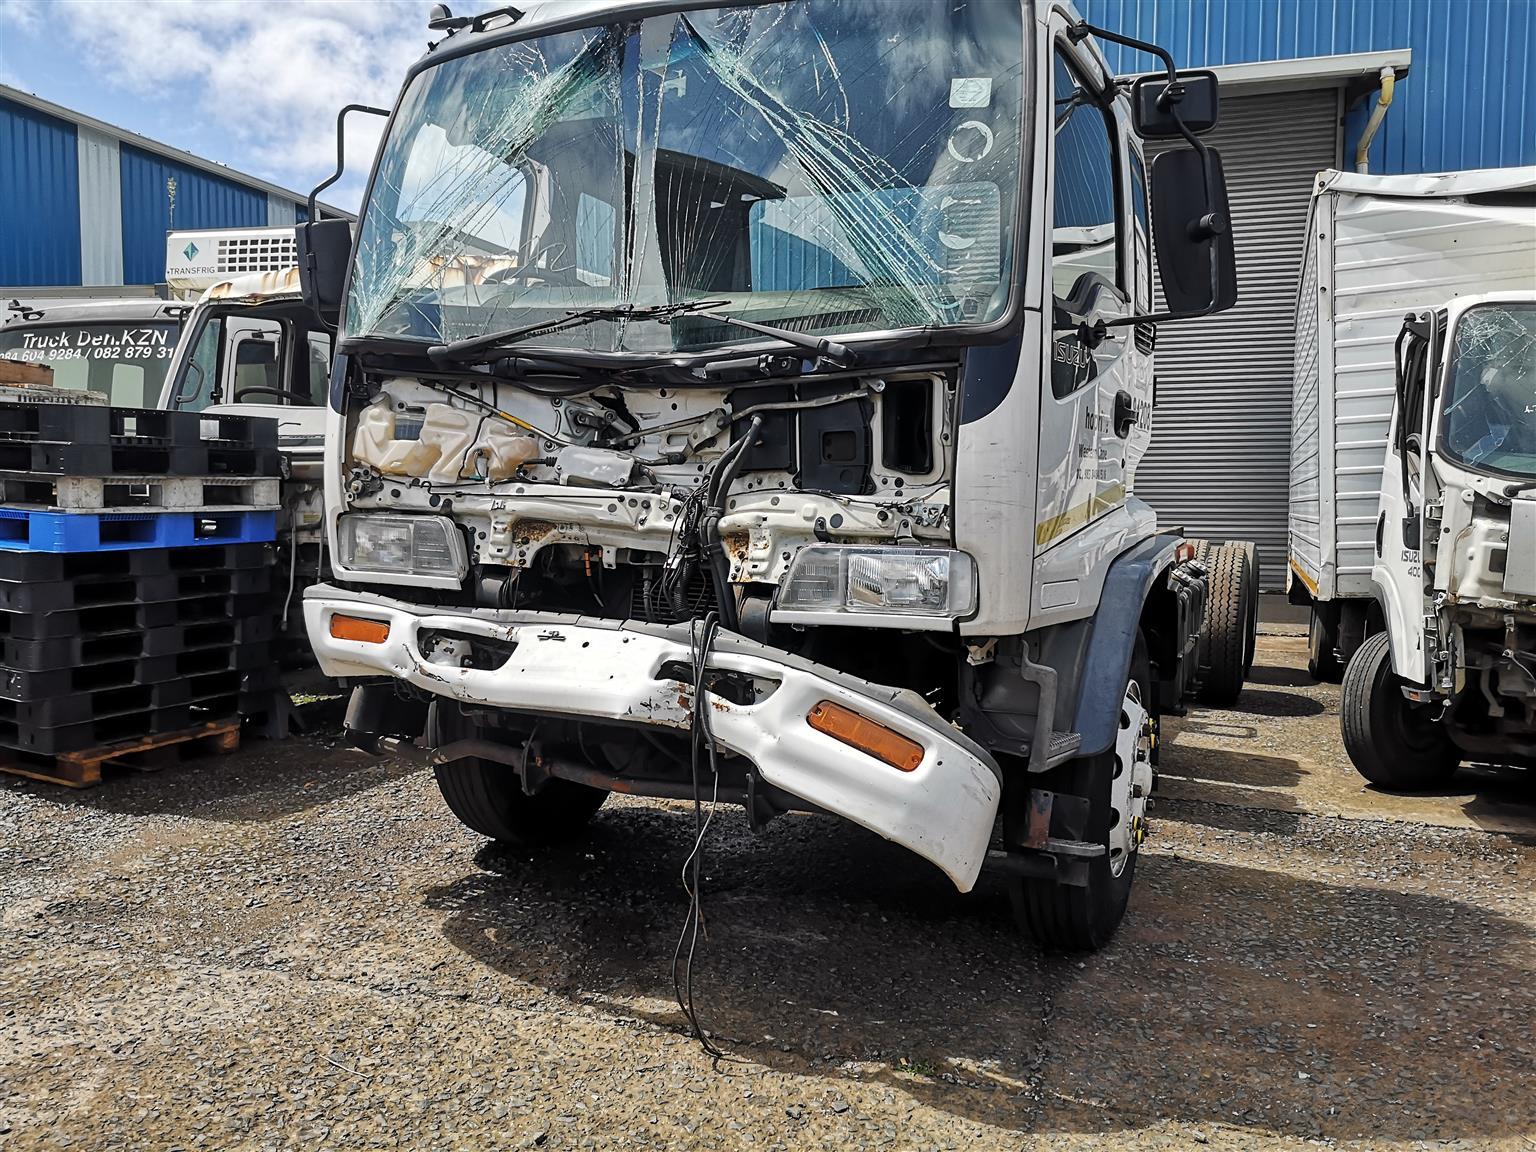 ISUZU FTM 1200 Freighter sitec - 6HE1 Turbo - Trailing Axle Air bag Suspension